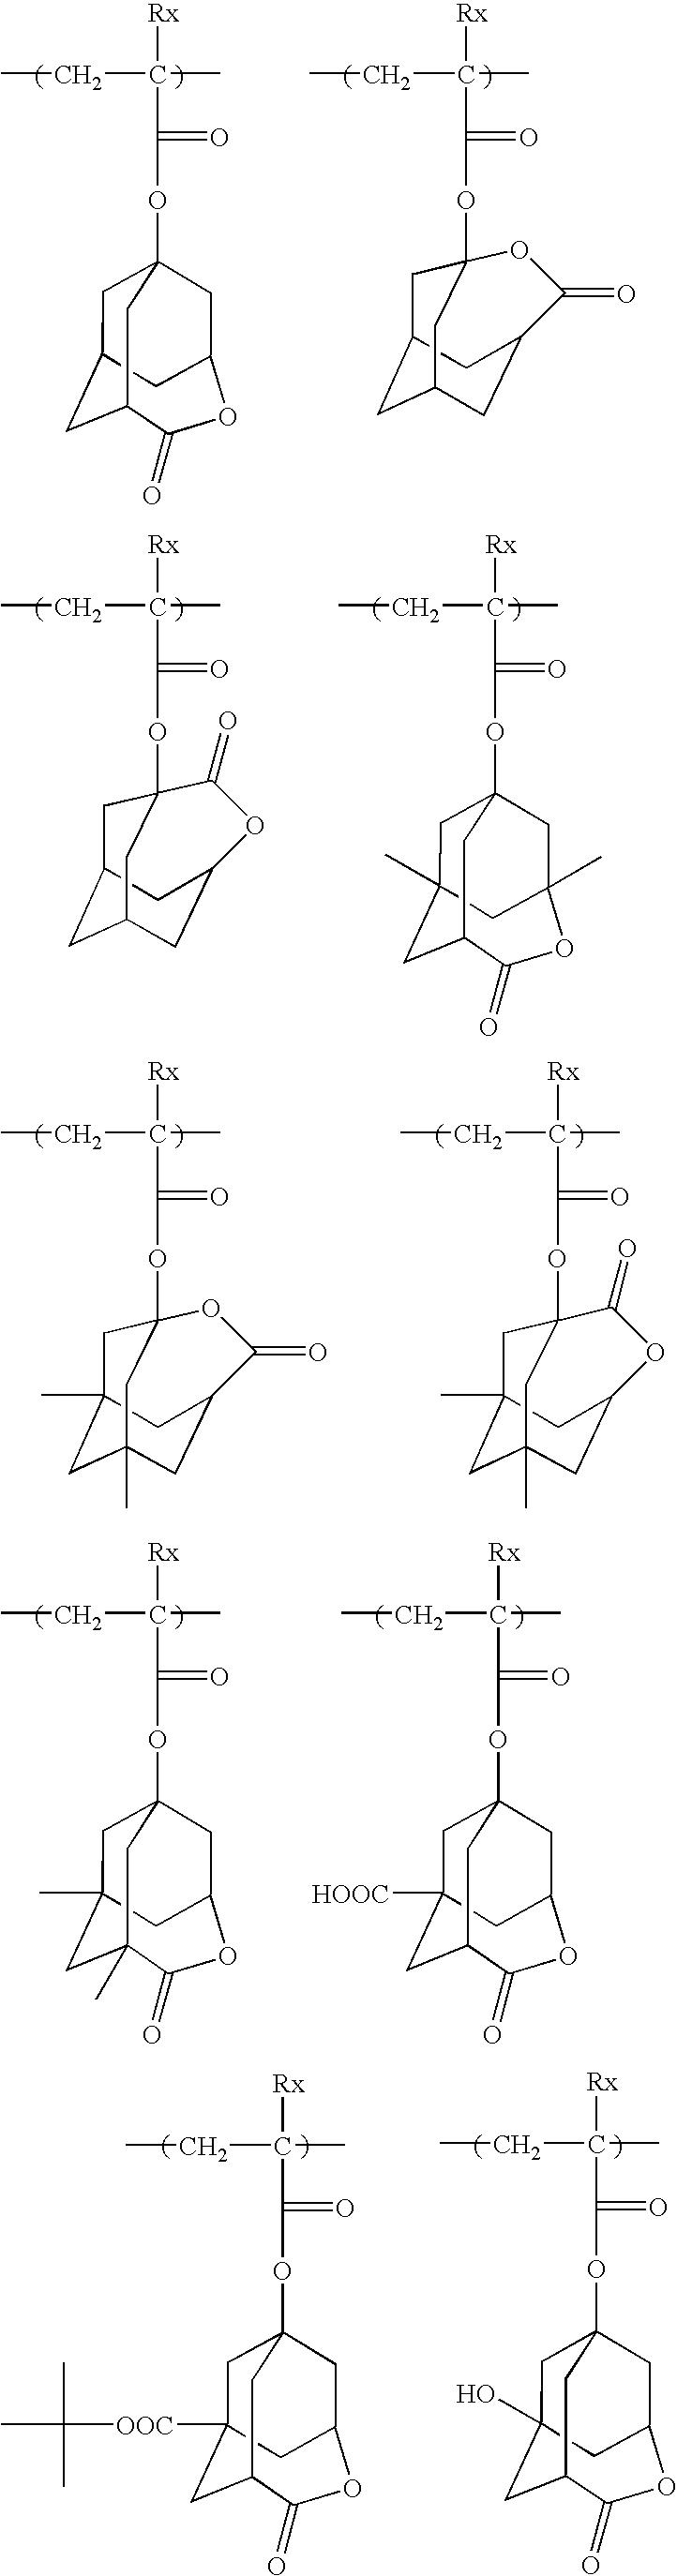 Figure US08017298-20110913-C00028